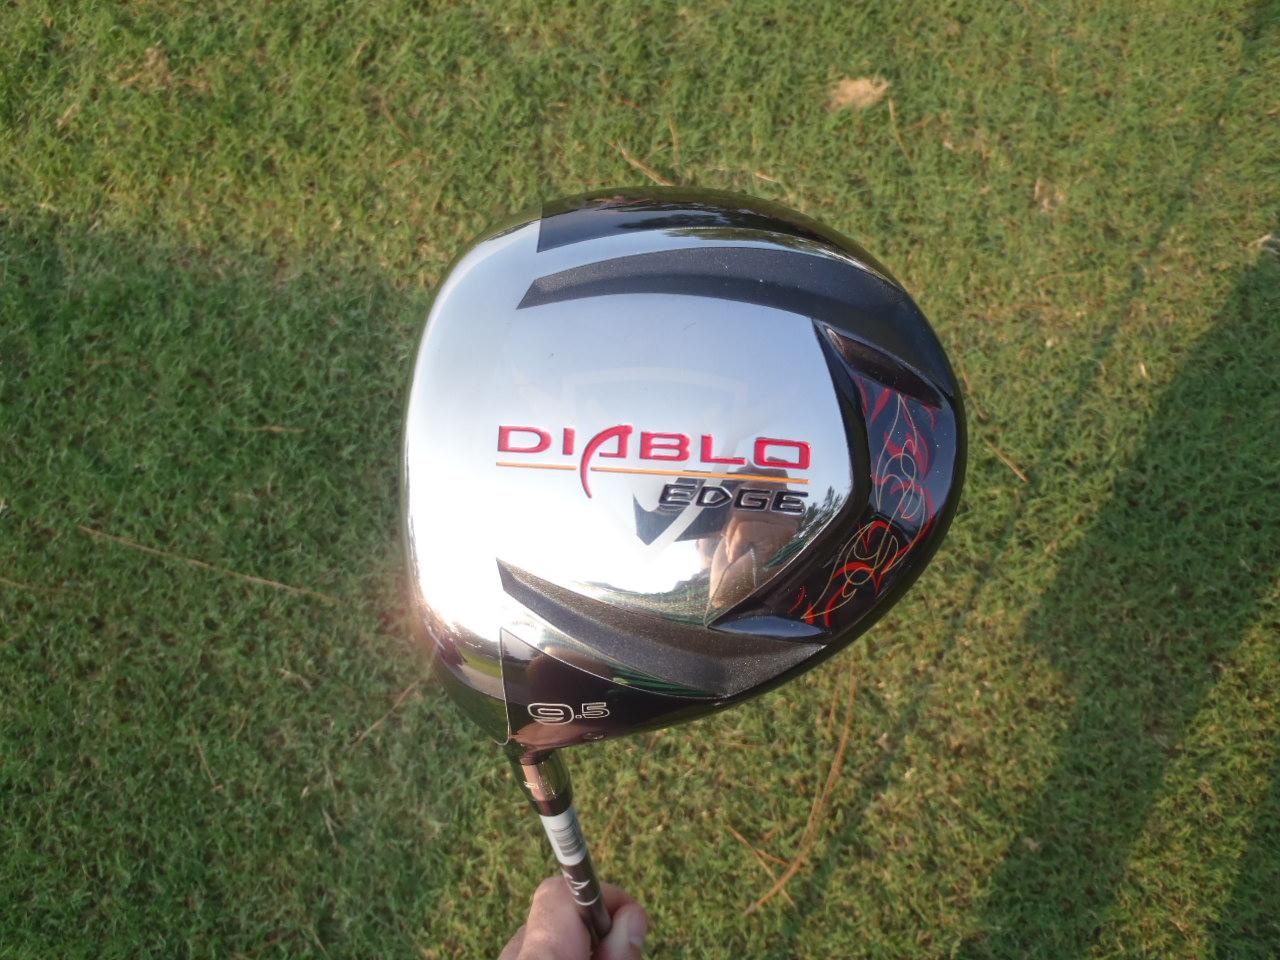 diablo octane tour driver review